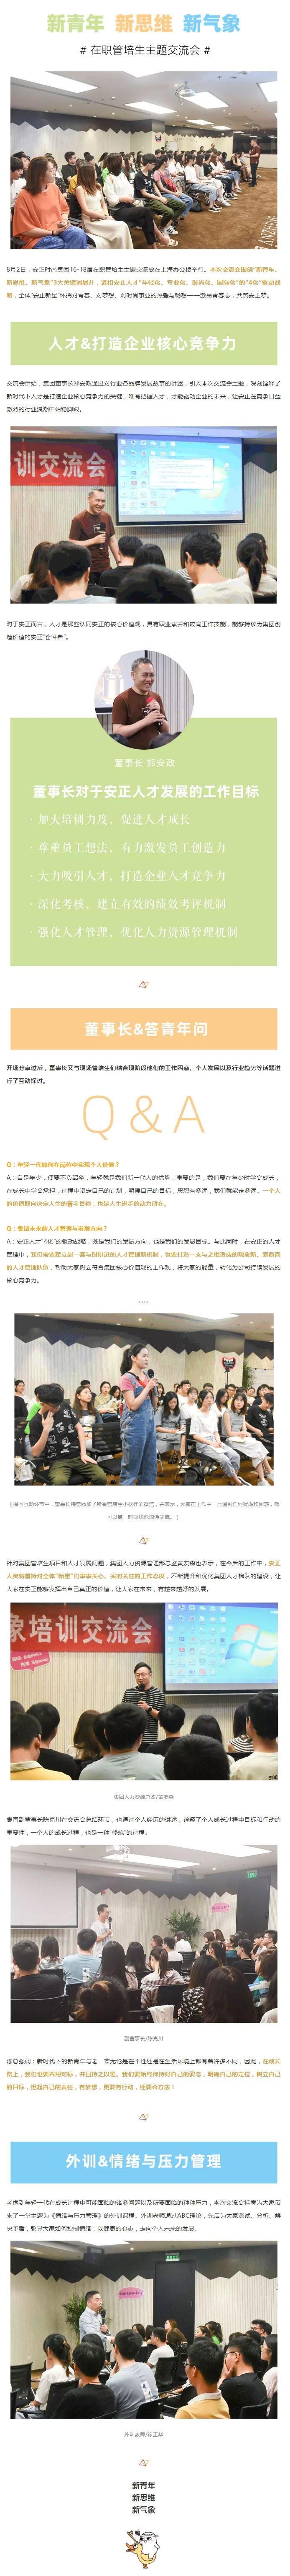 龙8国际最新网址_龙8国际官方网站.jpg